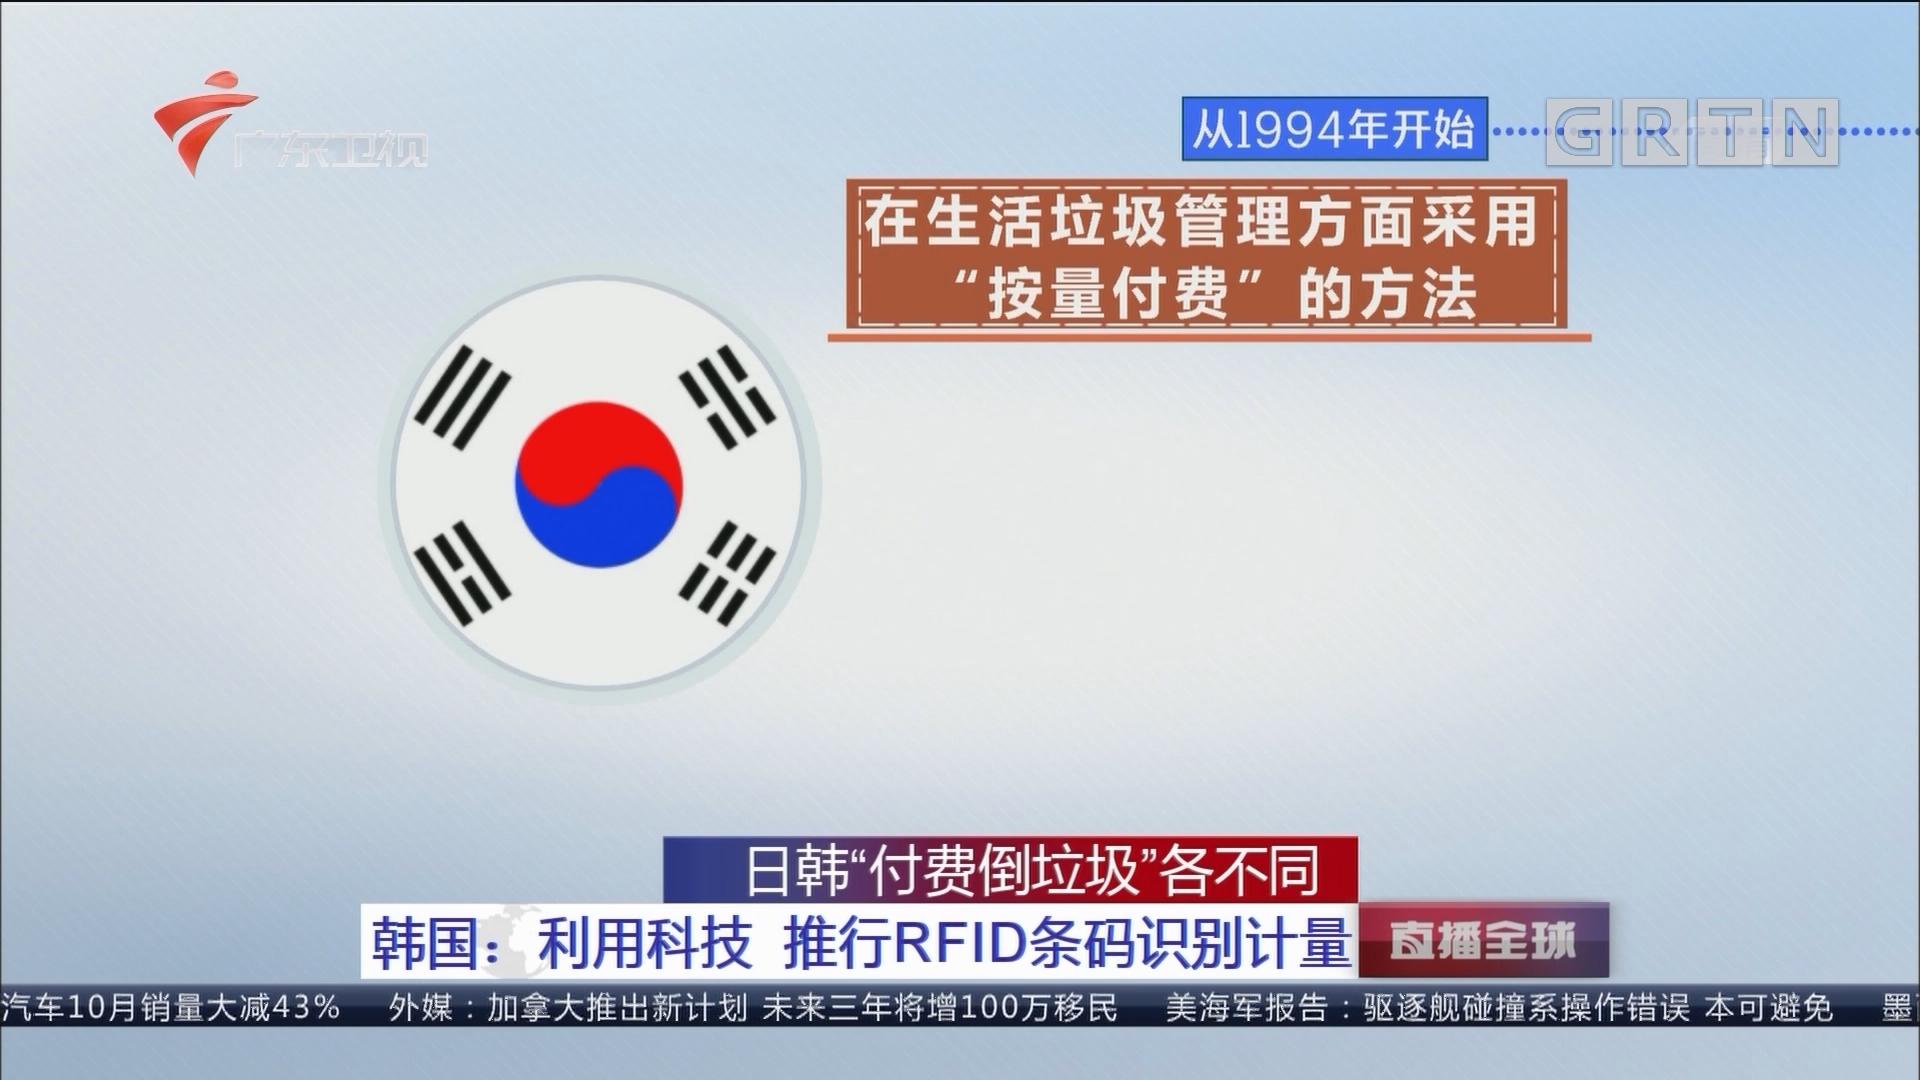 """日韩""""付费倒垃圾""""各不同 韩国:利用科技 推行RFID条码识别计量"""